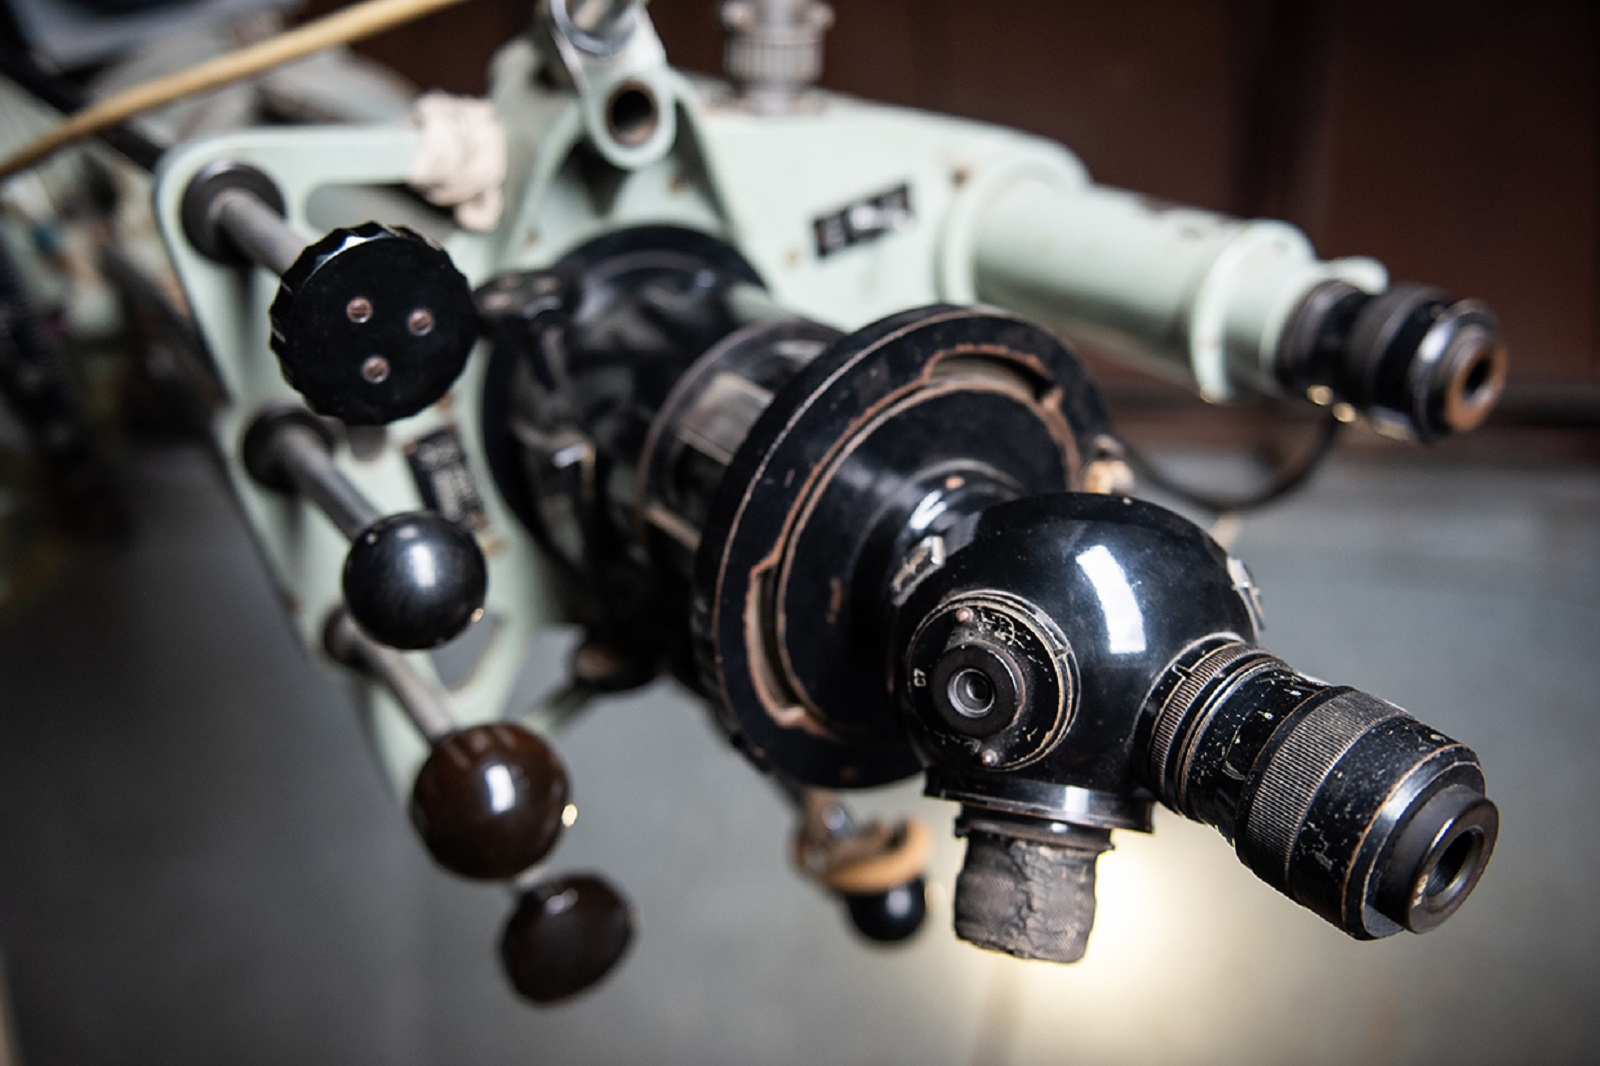 托木斯克国立大学观测站第二次启用,学生通过它观测到了土星的卫星插图-小狮座俄罗斯留学